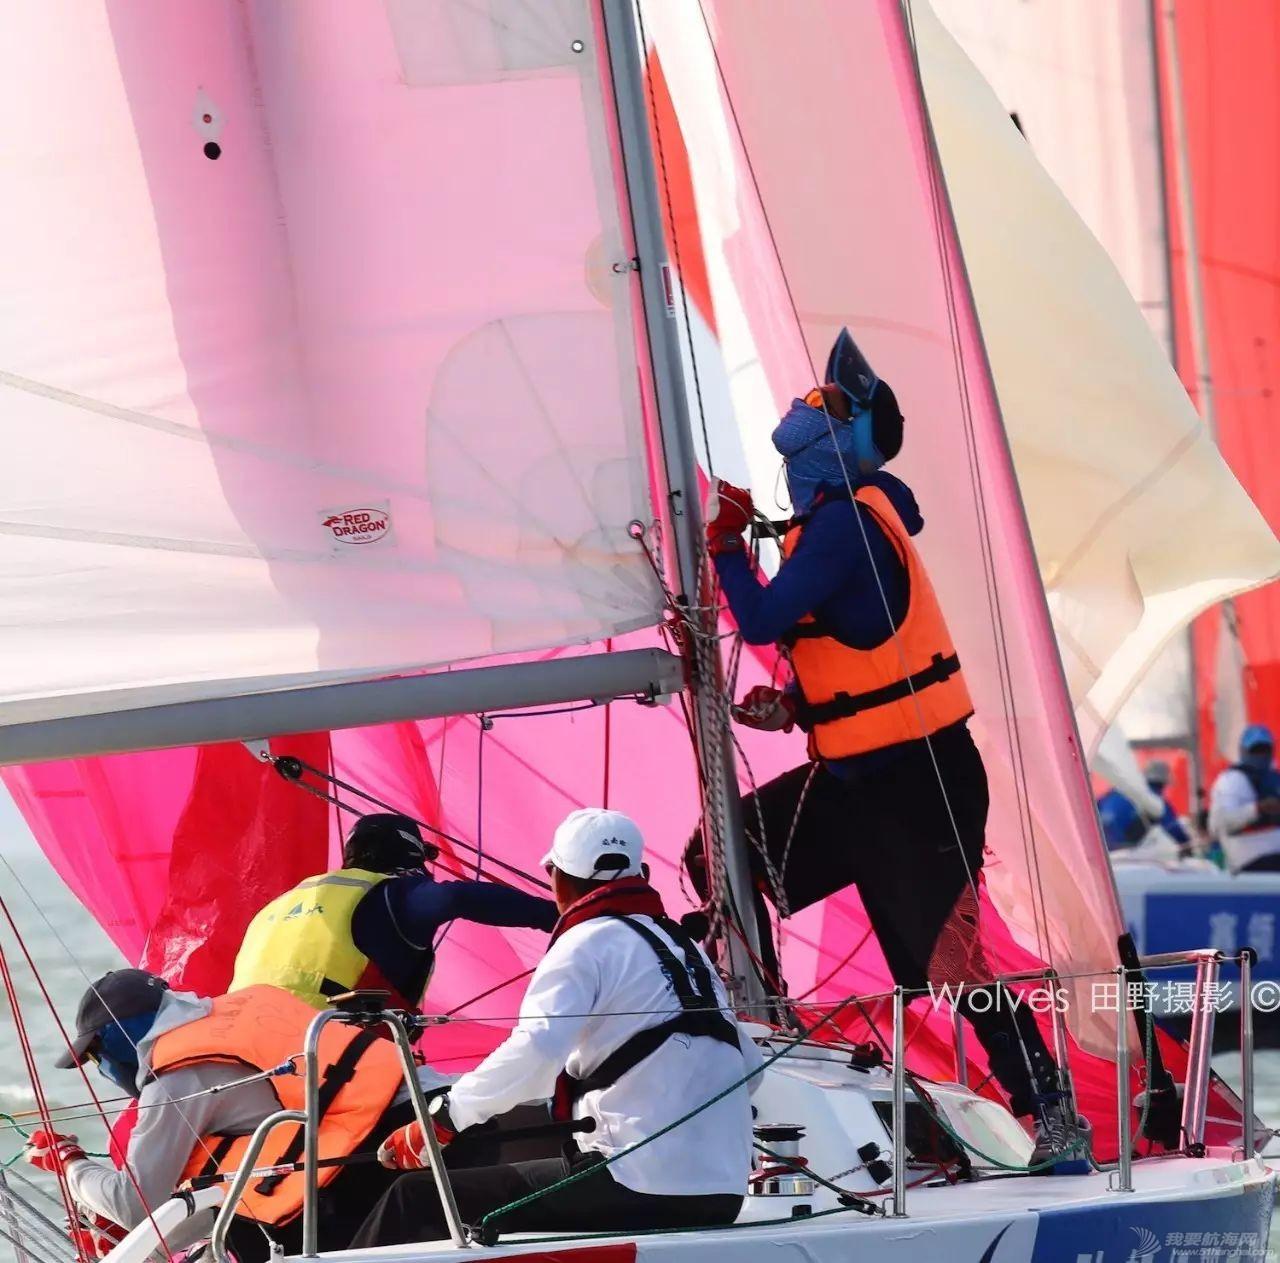 【赛况报道】第13届中国俱乐部杯帆船挑战赛w5.jpg